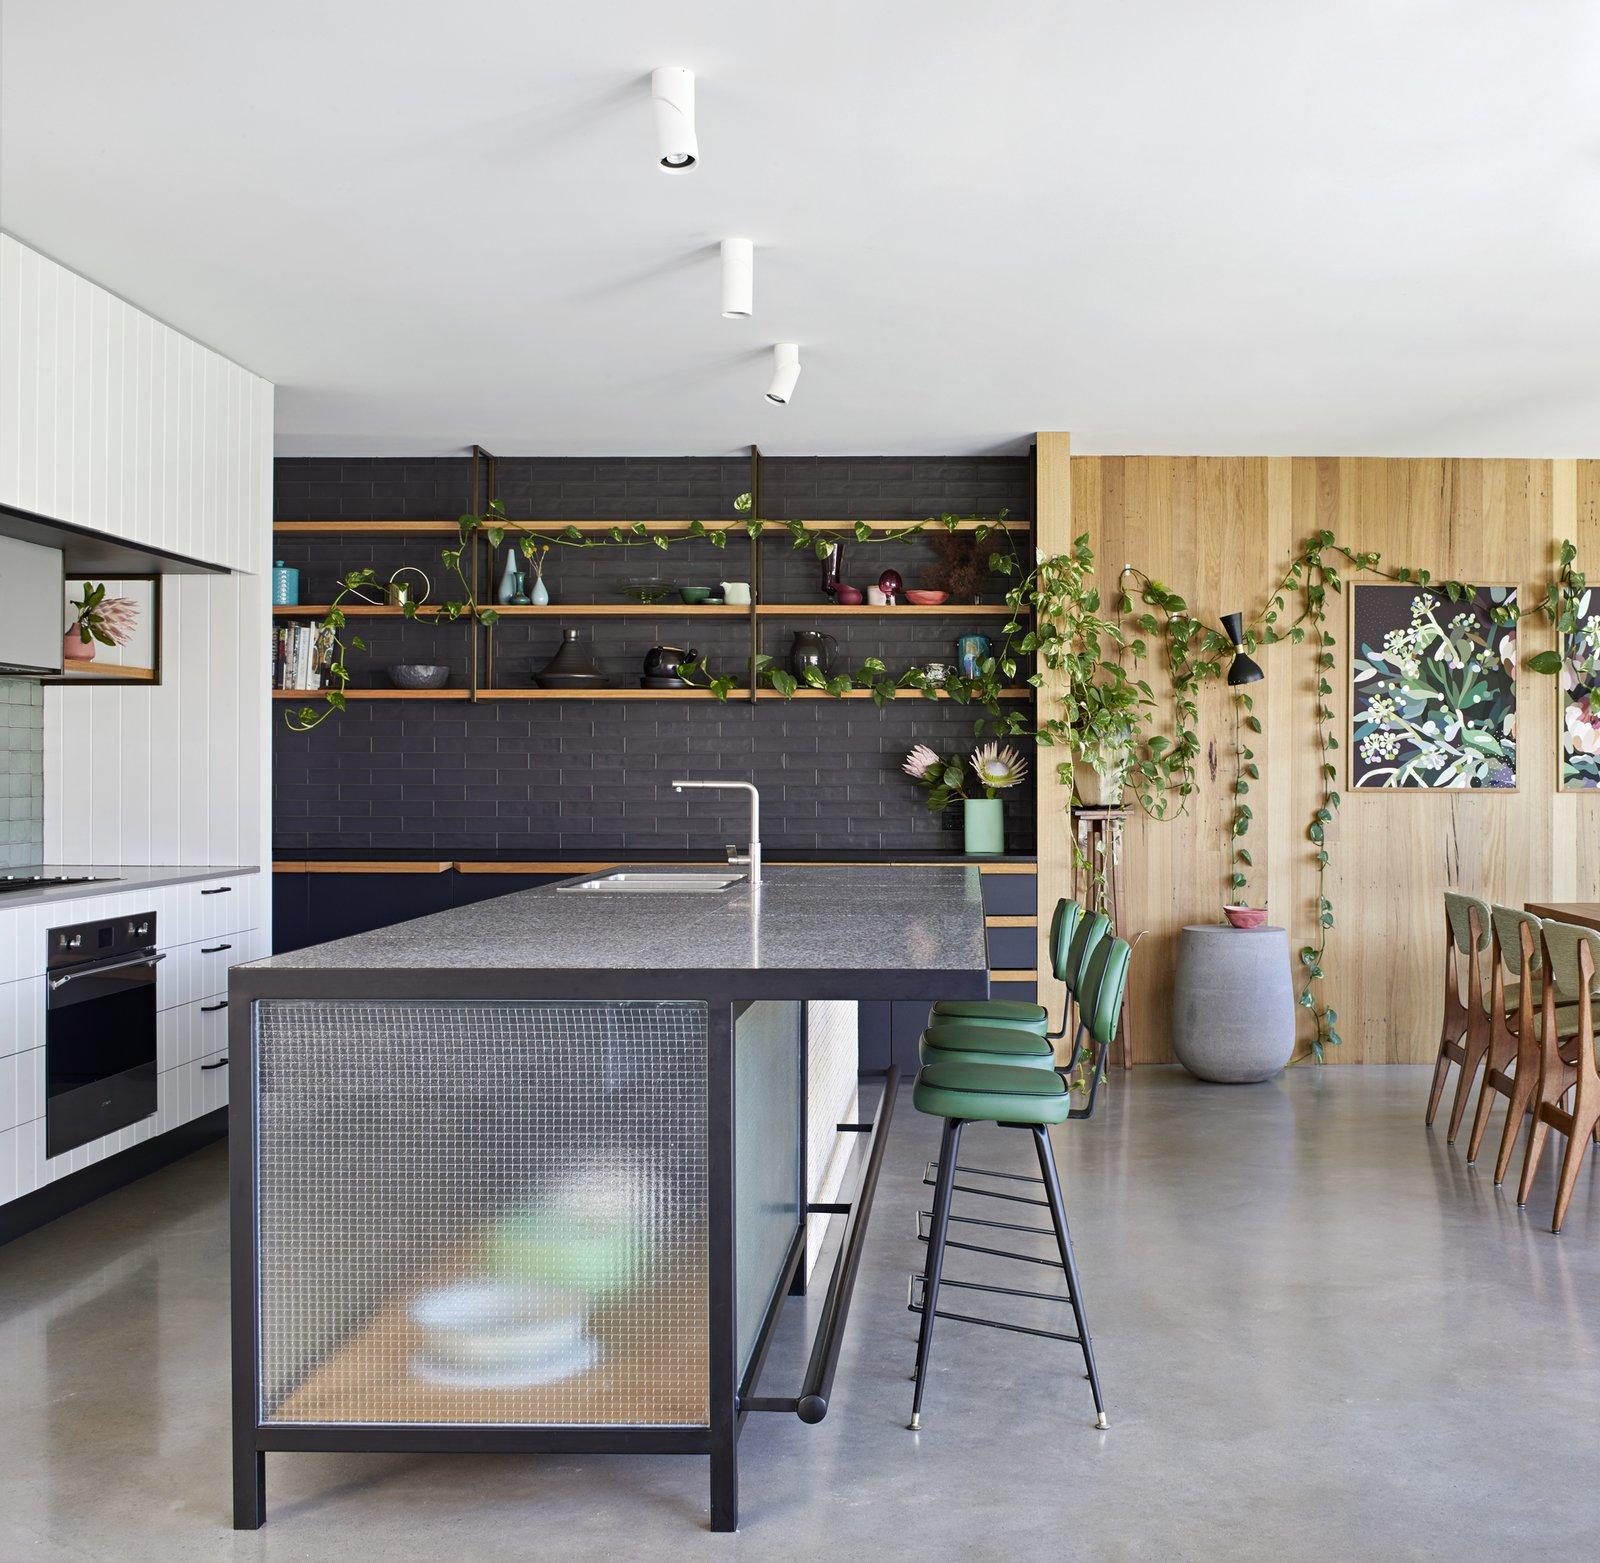 BENT Annexe kitchen